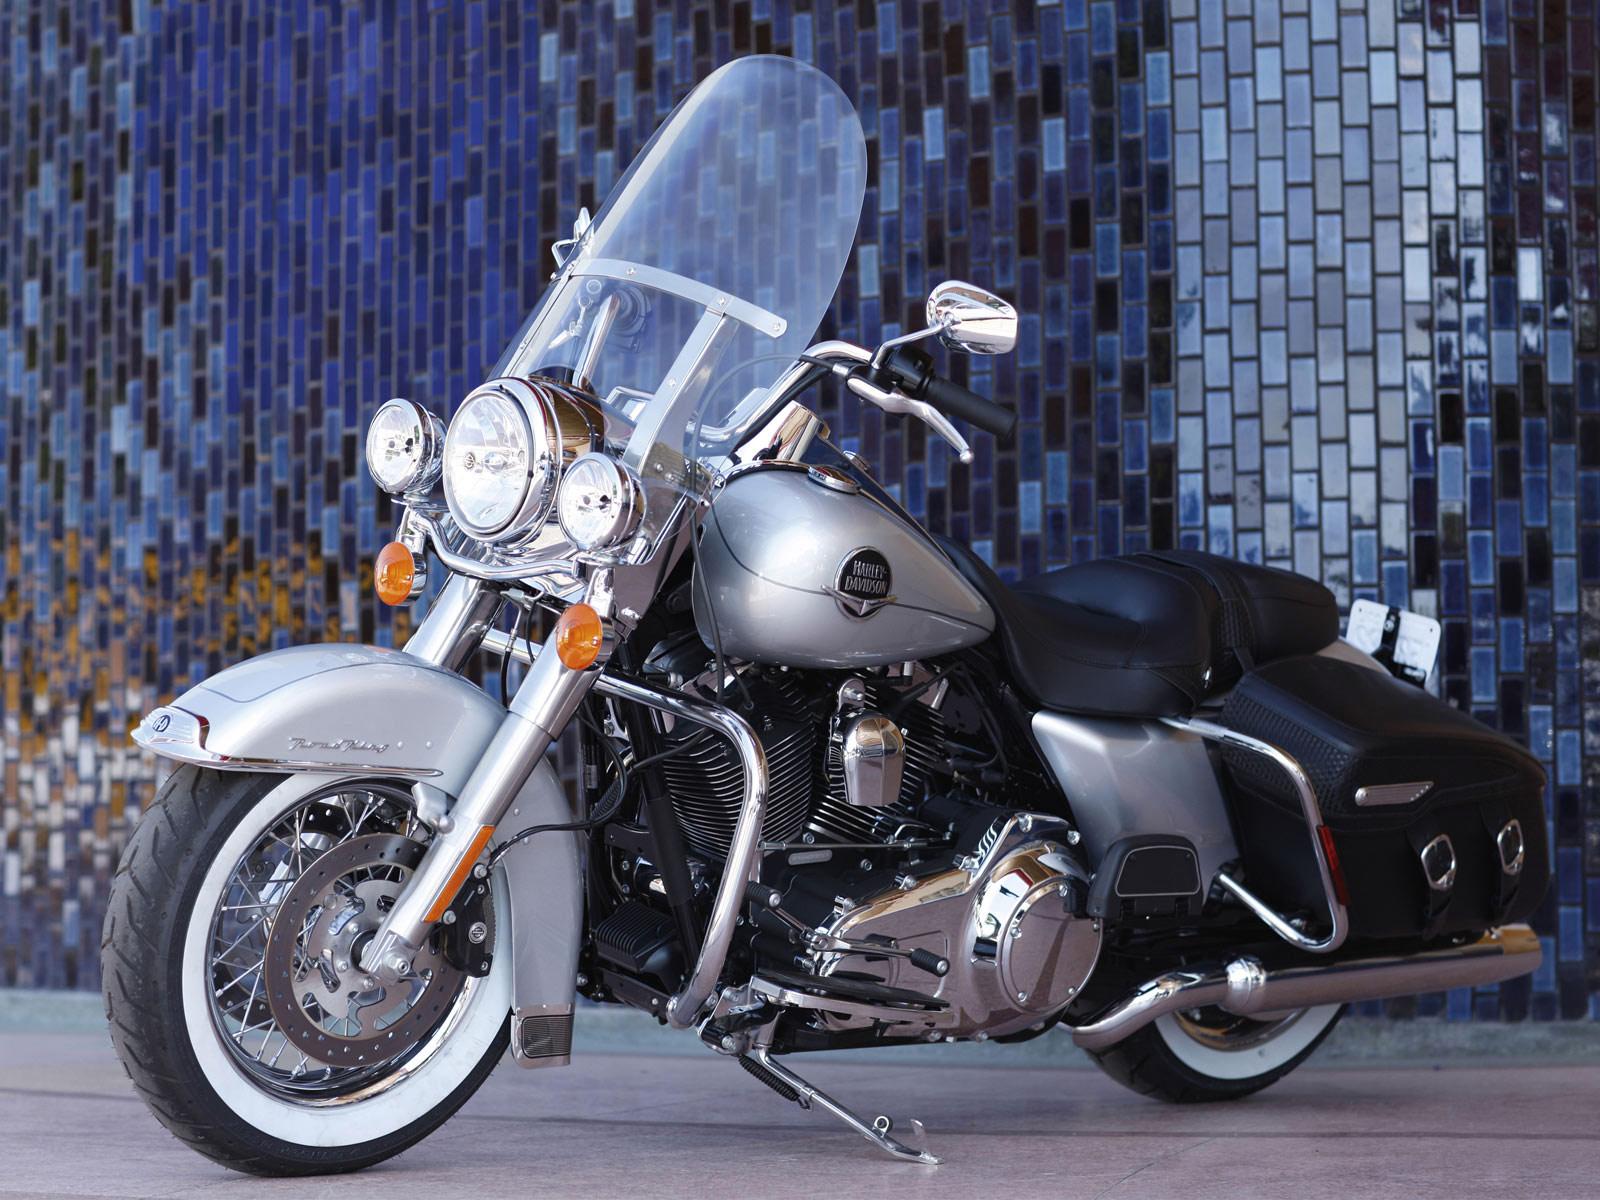 Harley Davidson: Harleydavidson FLHRC Road King Classic (2010